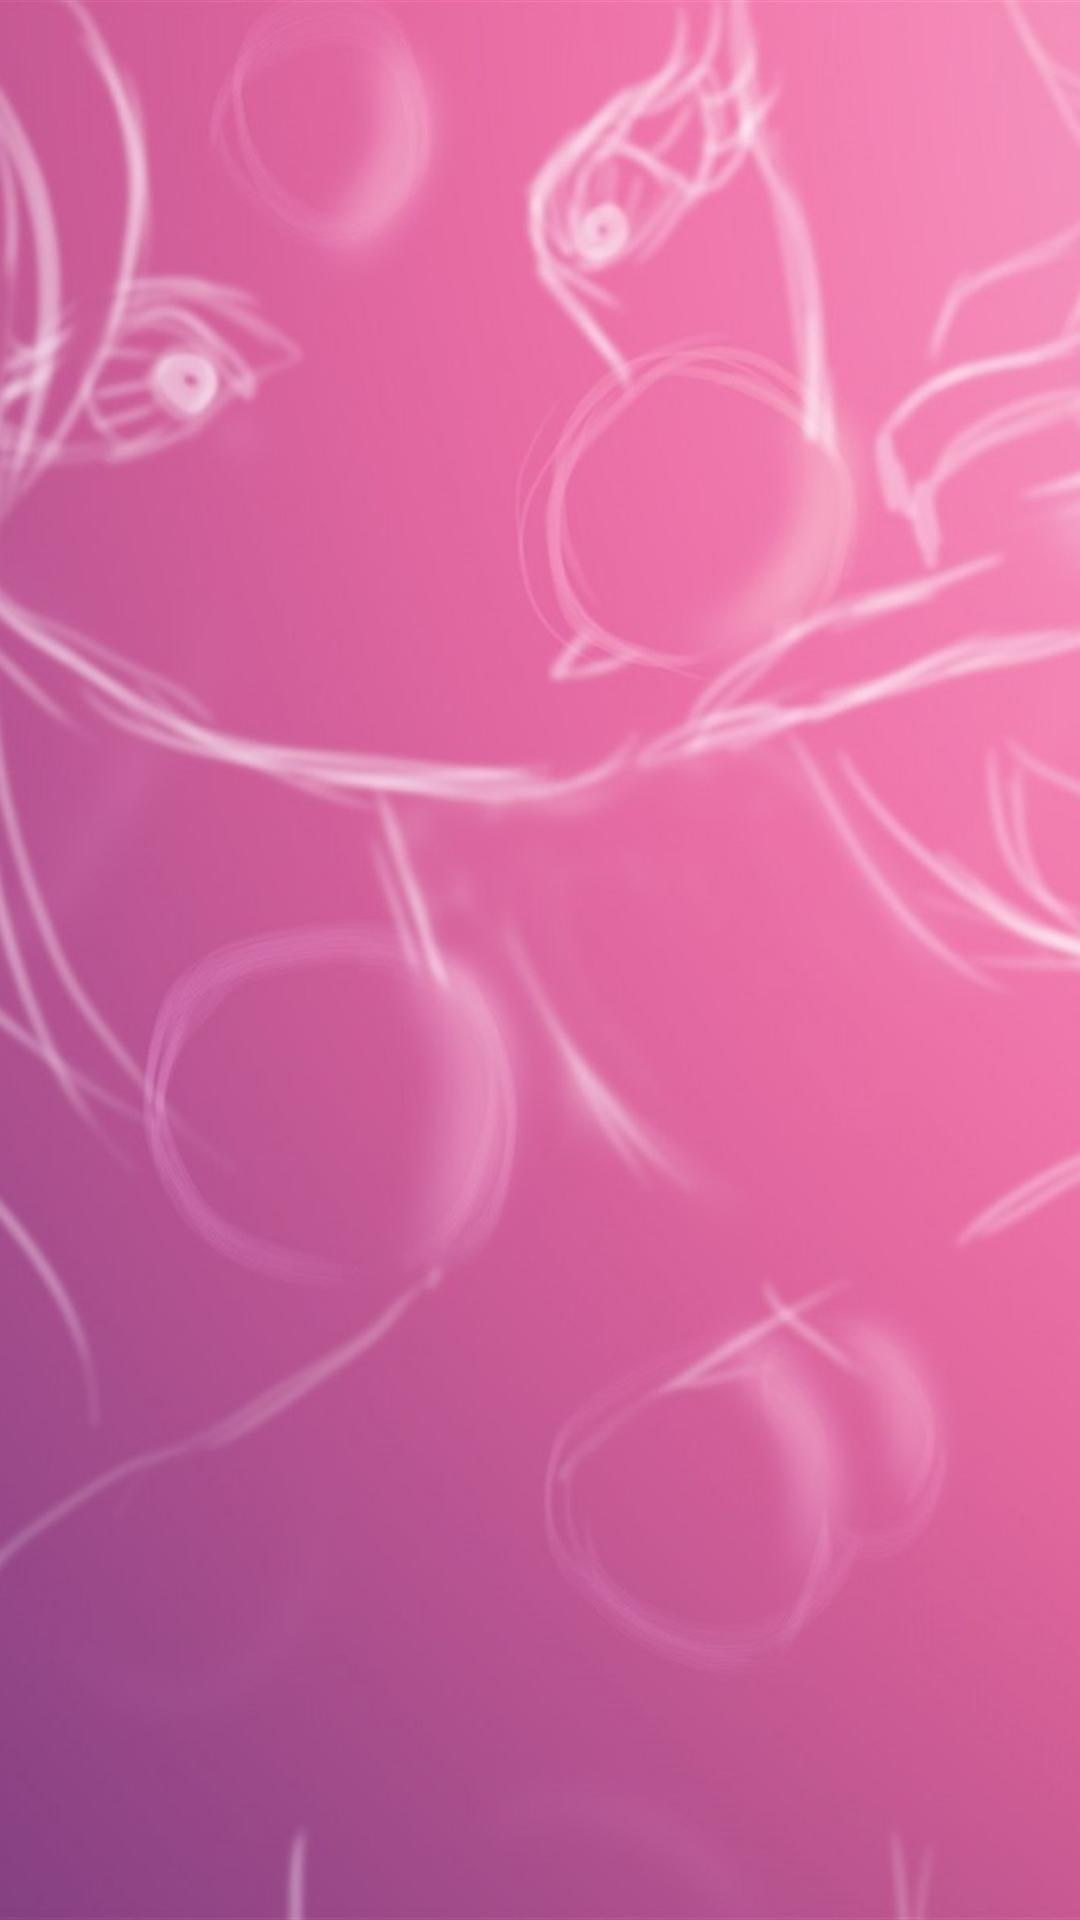 75 Cool Pink Background On Wallpapersafari